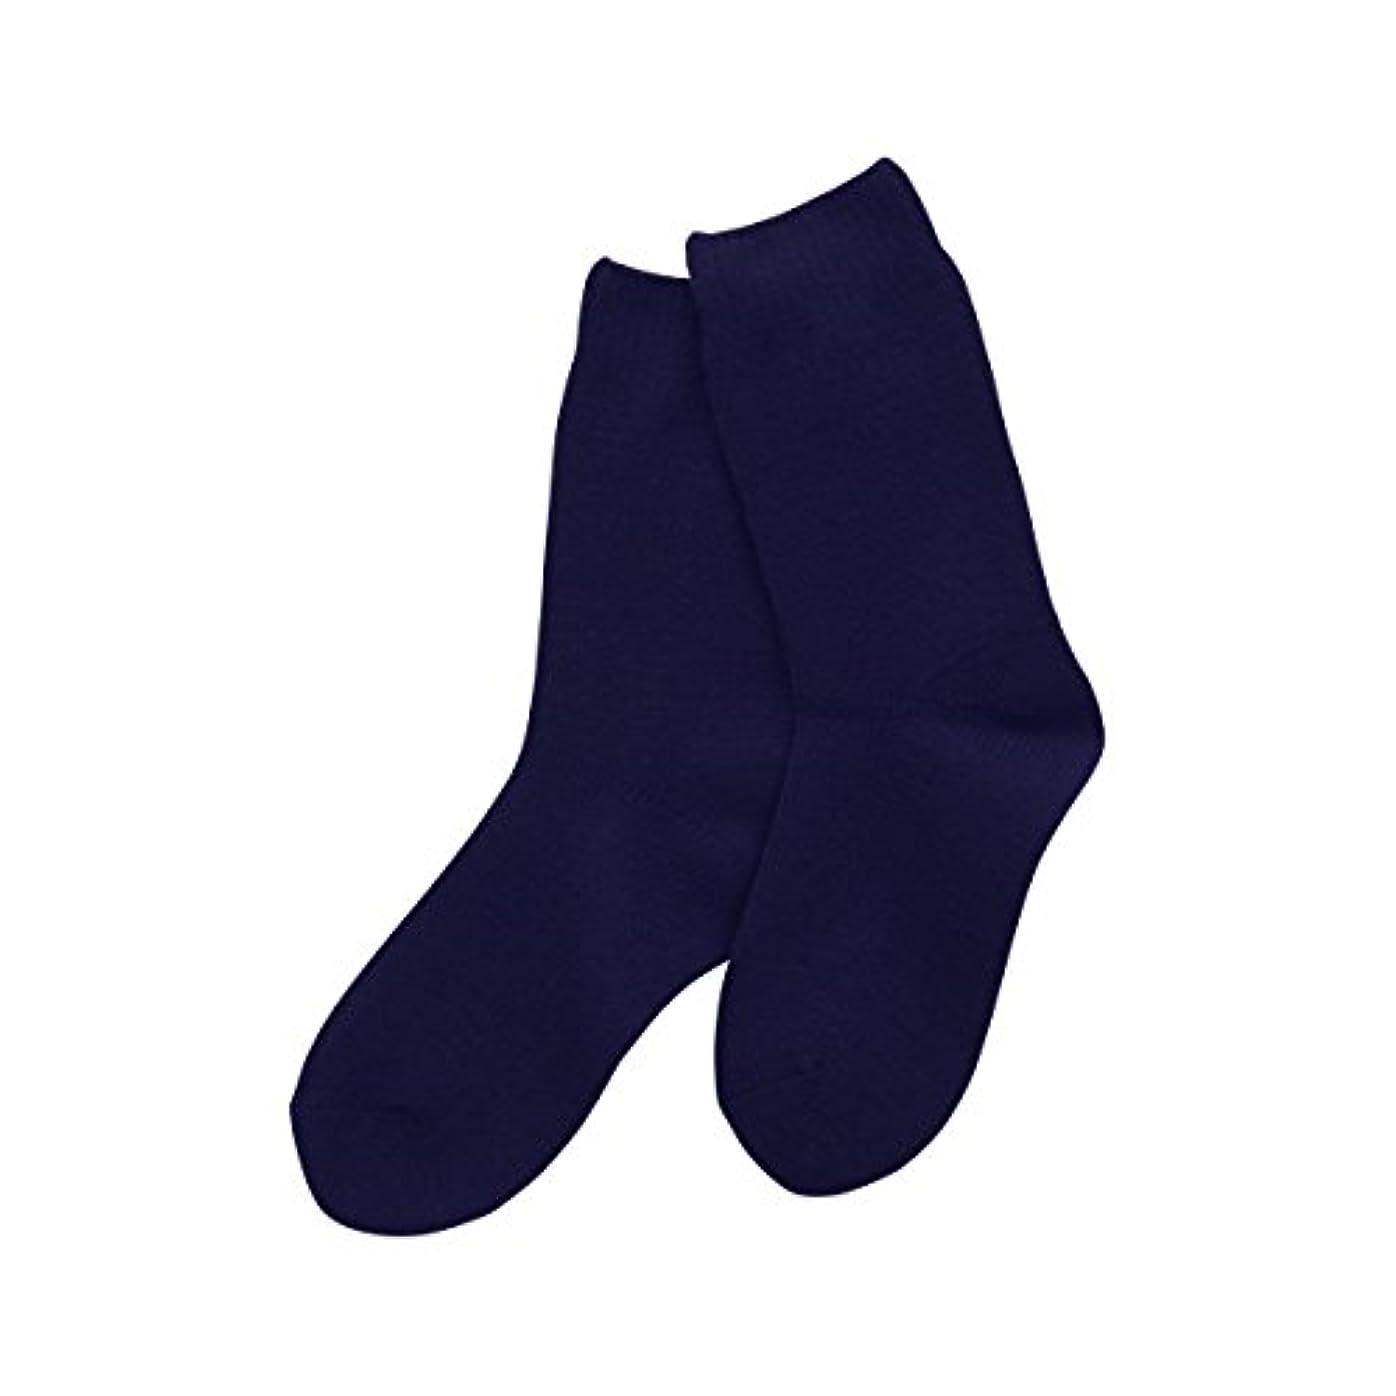 ライン行き当たりばったりラップトップ(コベス) KOBES ゴムなし 毛混 超ゆったり特大サイズ 靴下 日本製 紳士靴下